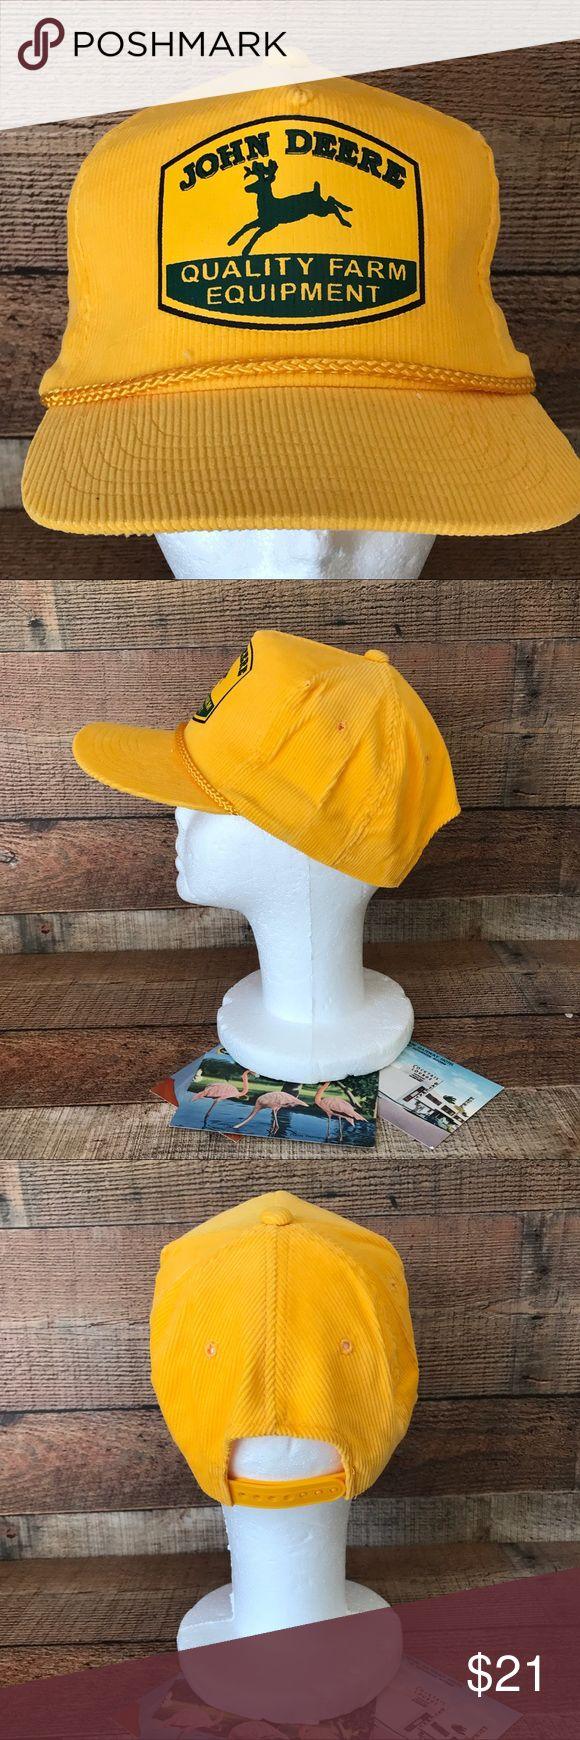 John Deere Vintage Yellow SnapBack Trucker Hat Excellent Condition John Deere Accessories Hats